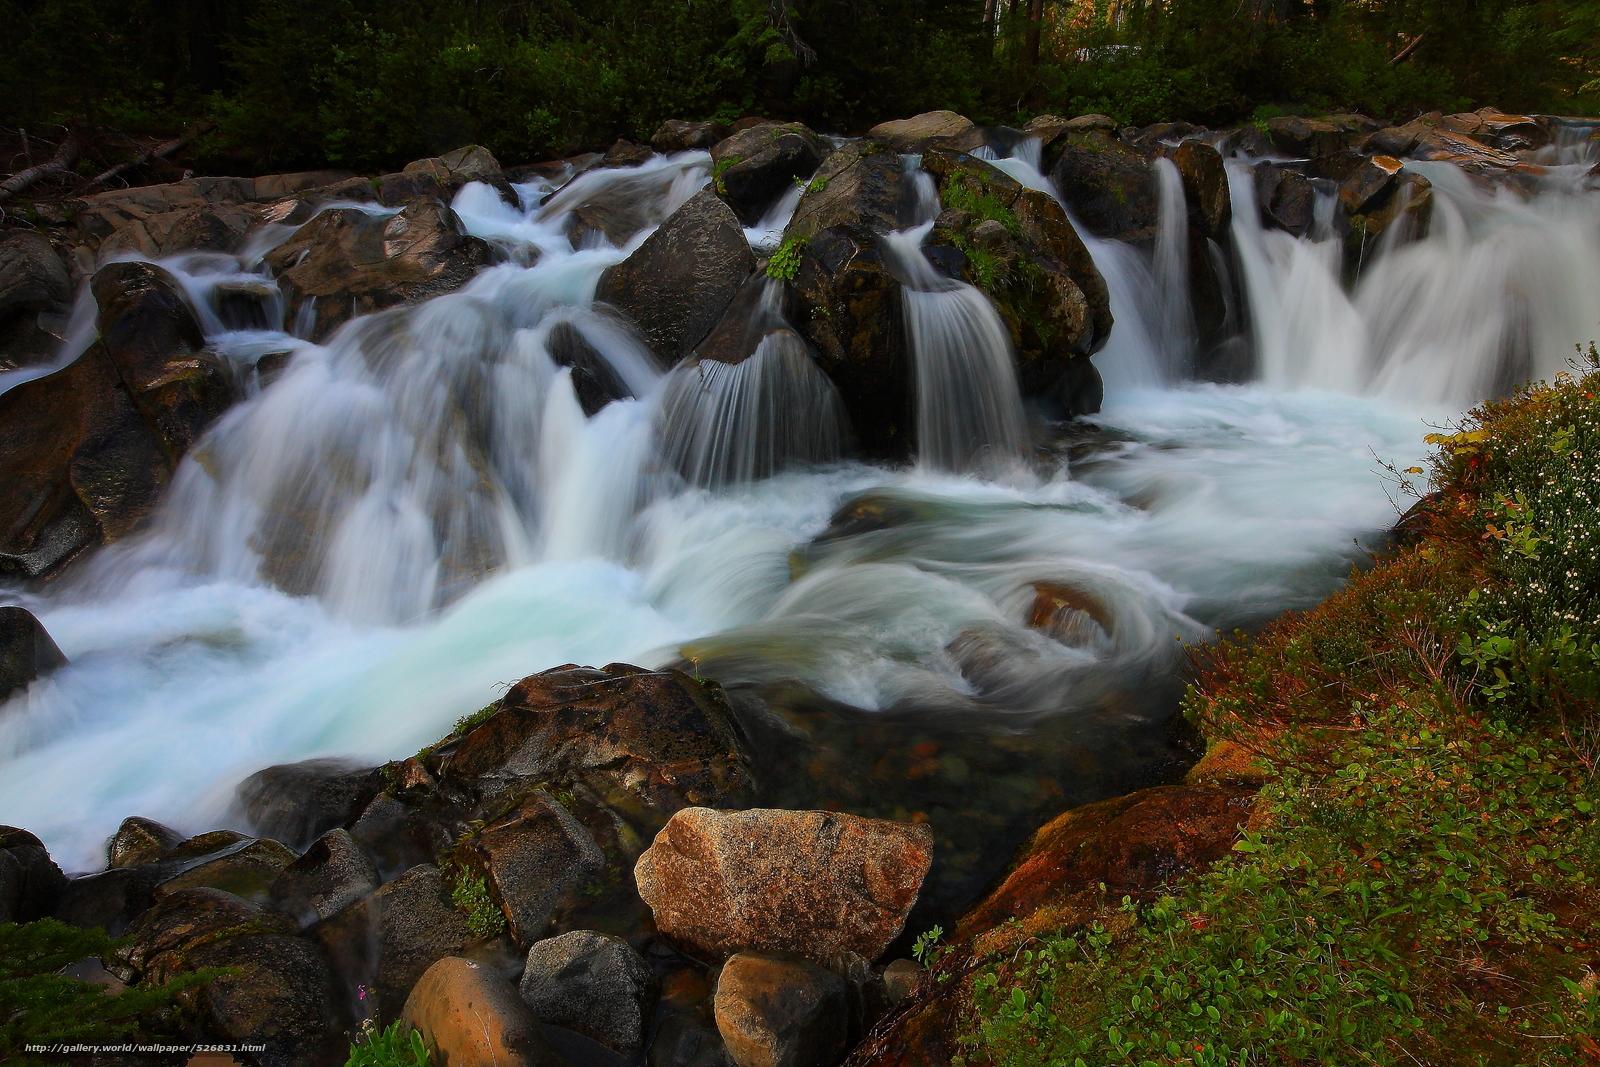 Скачать обои лес,  речка,  течение,  водопады бесплатно для рабочего стола в разрешении 3888x2592 — картинка №526831